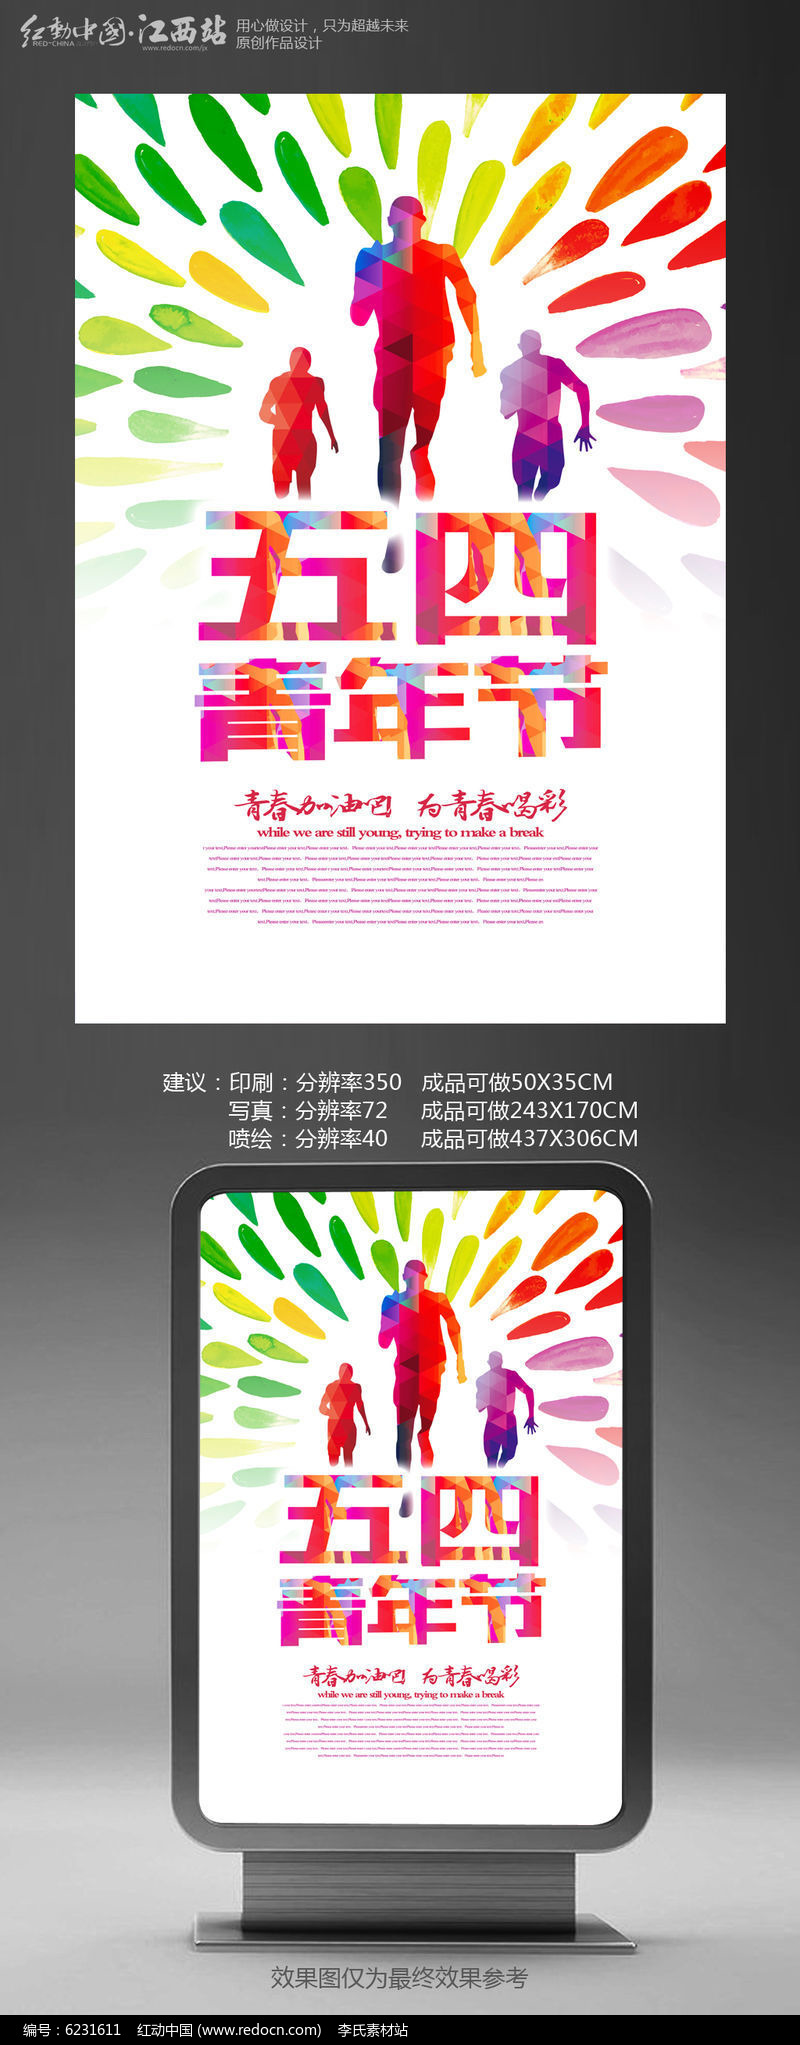 时尚创意54青年节宣传海报设计图片